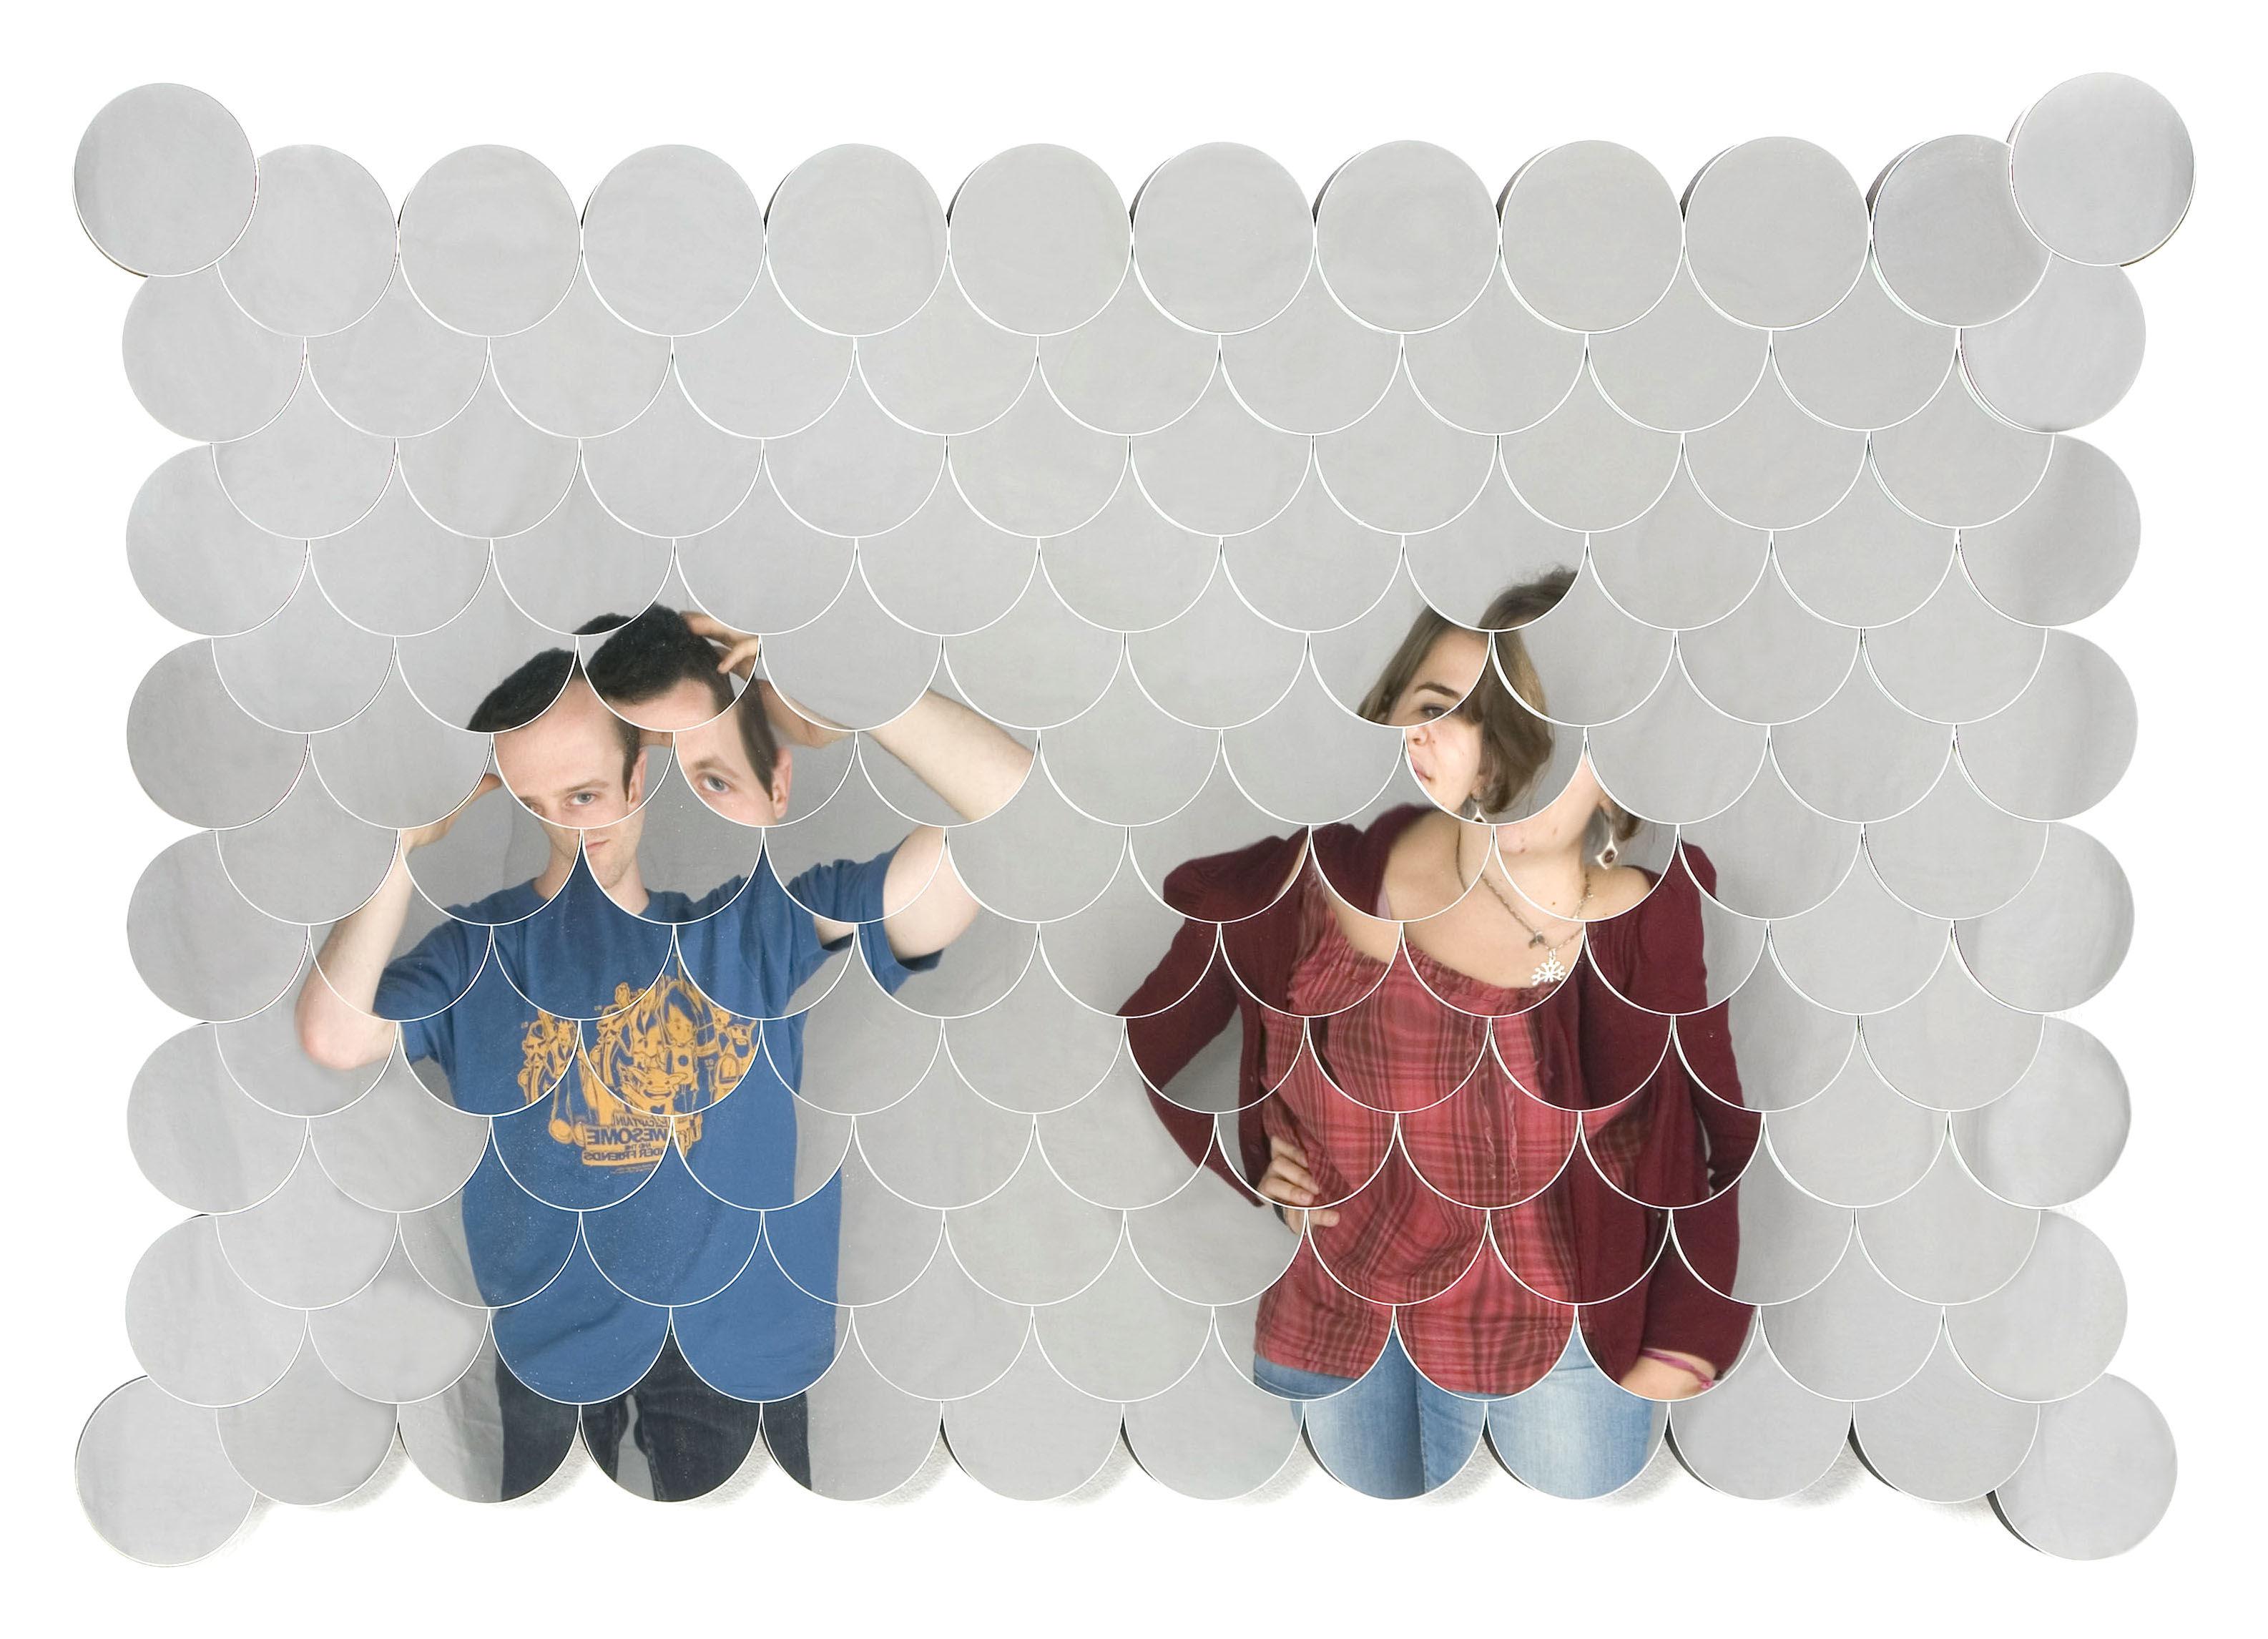 Arredamento - Specchi - Specchio murale Sirène - modello piccolo - L 104 x H 69 cm di Tsé-Tsé - Specchio piccolo - 104 x 69 cm - Vetro